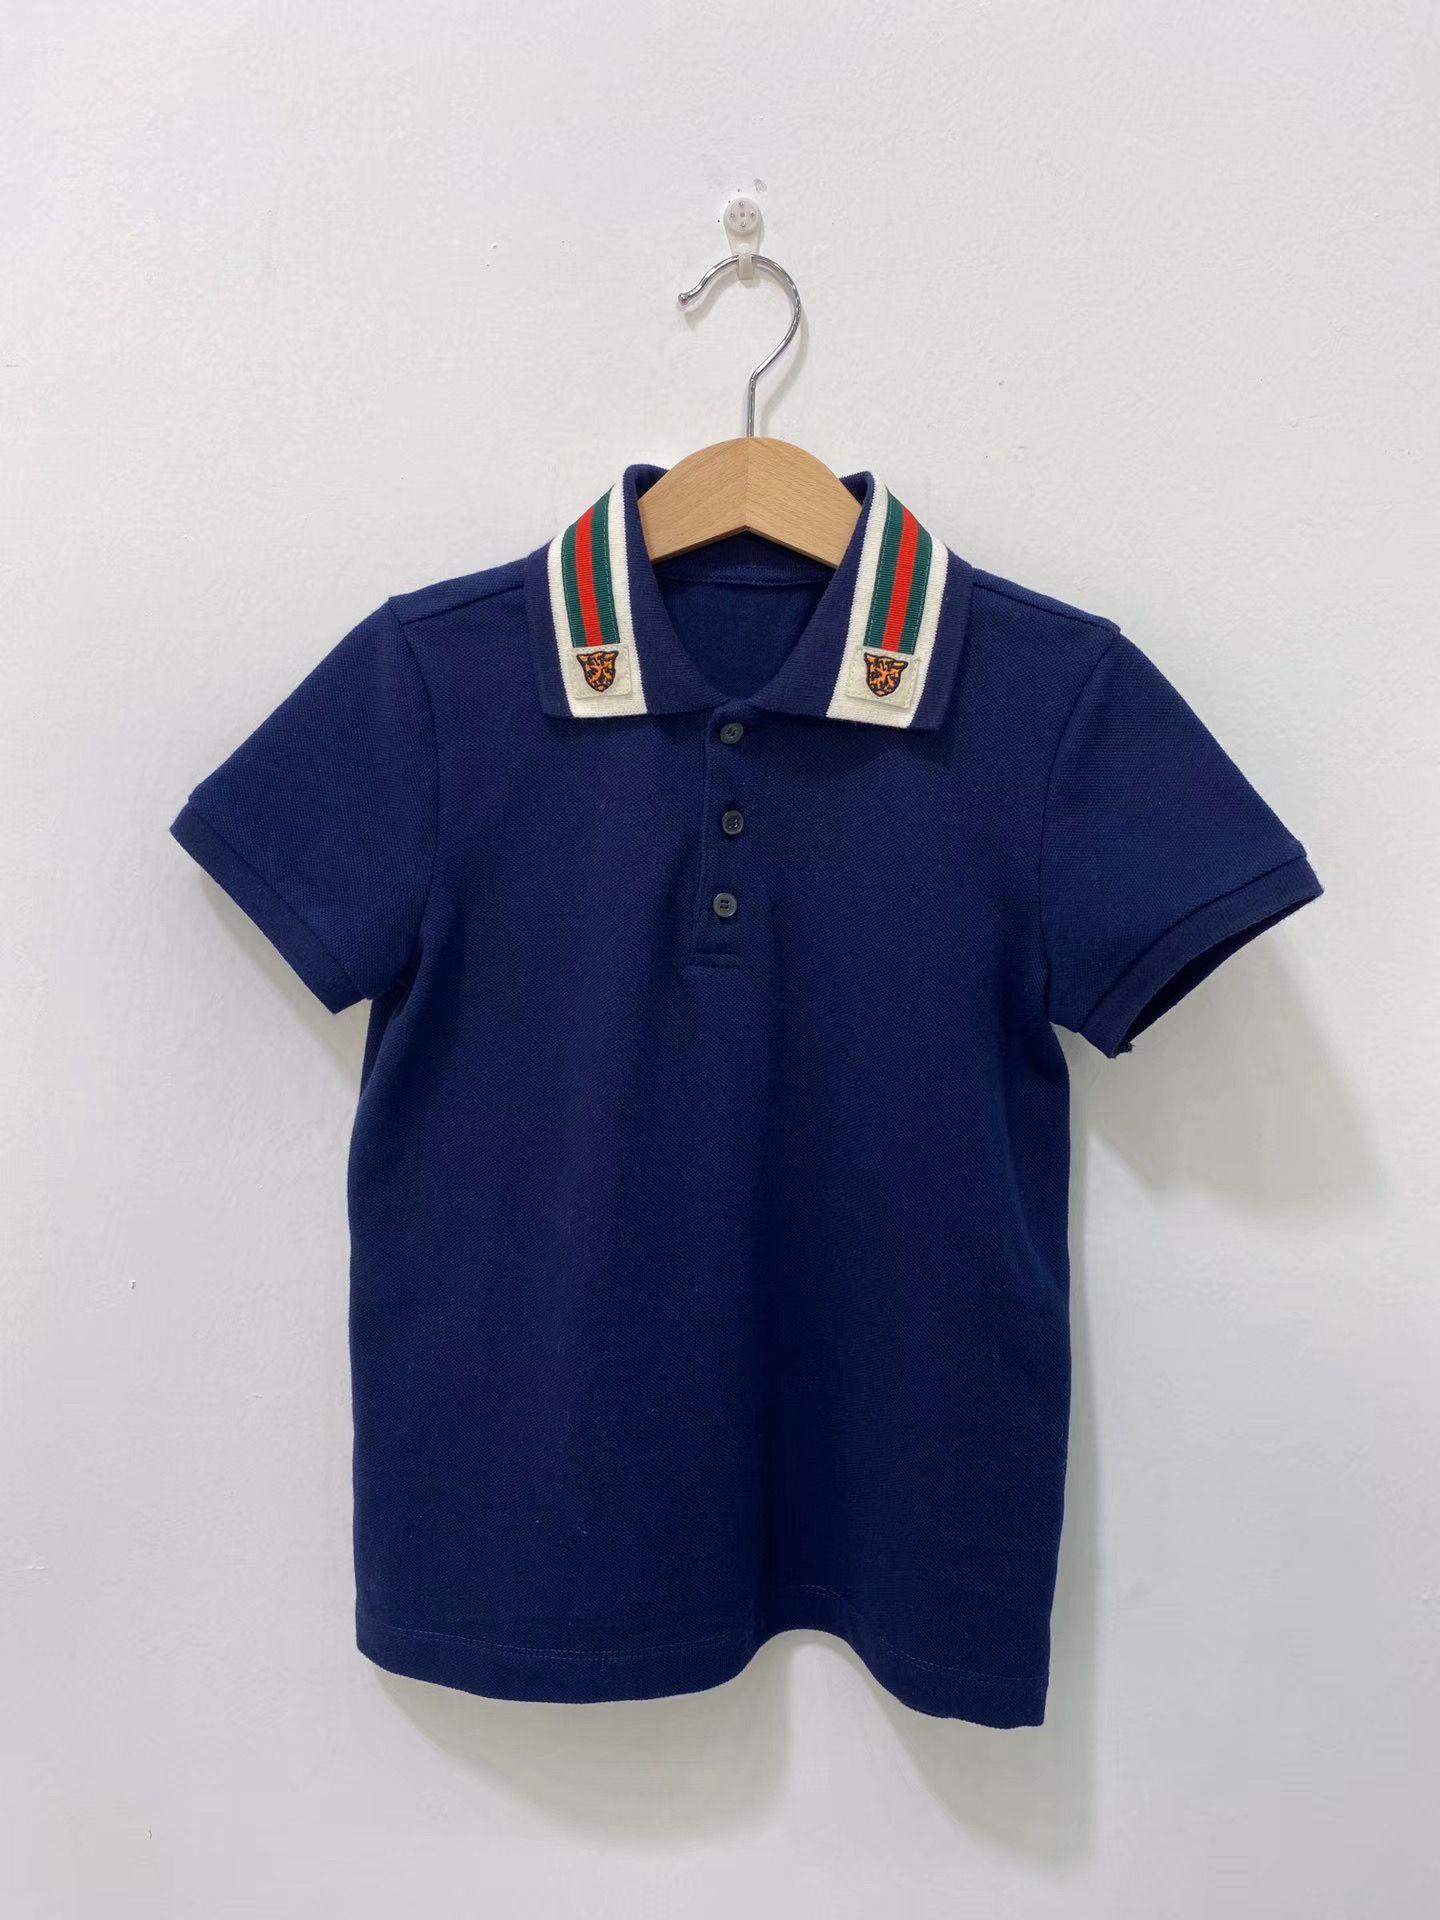 Collar Polo cotone di estate bambini Ragazzi Sprots camicie di cotone risvolto Odile tessuto T Moda Abbigliamento per bambini